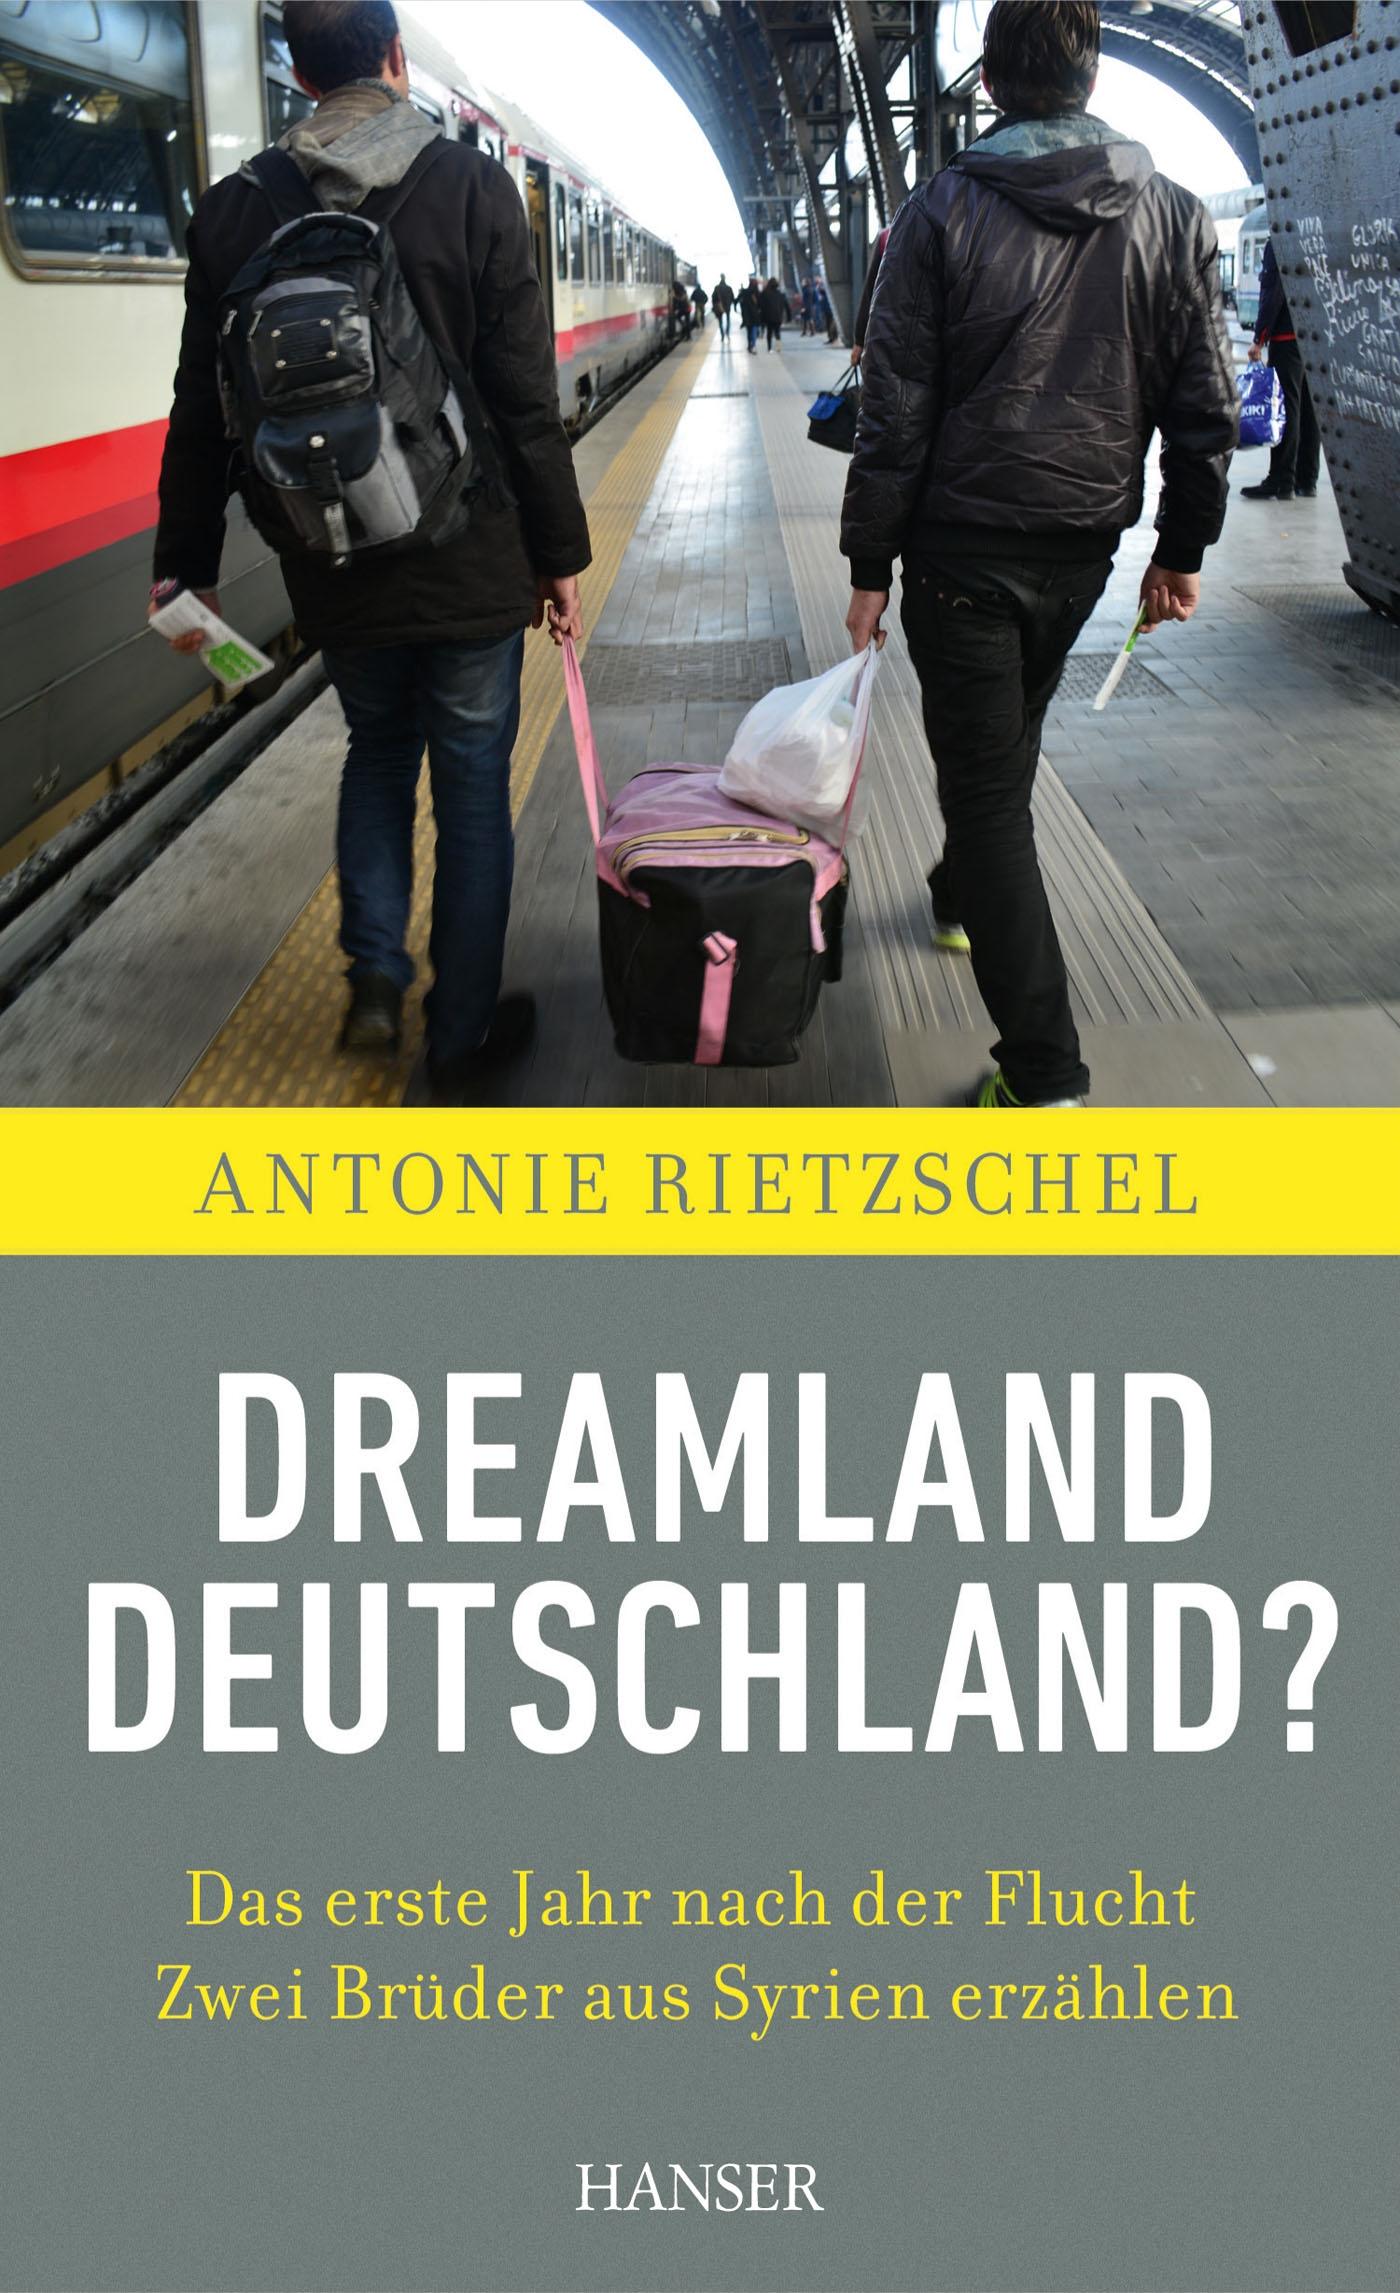 Dreamland Germany?